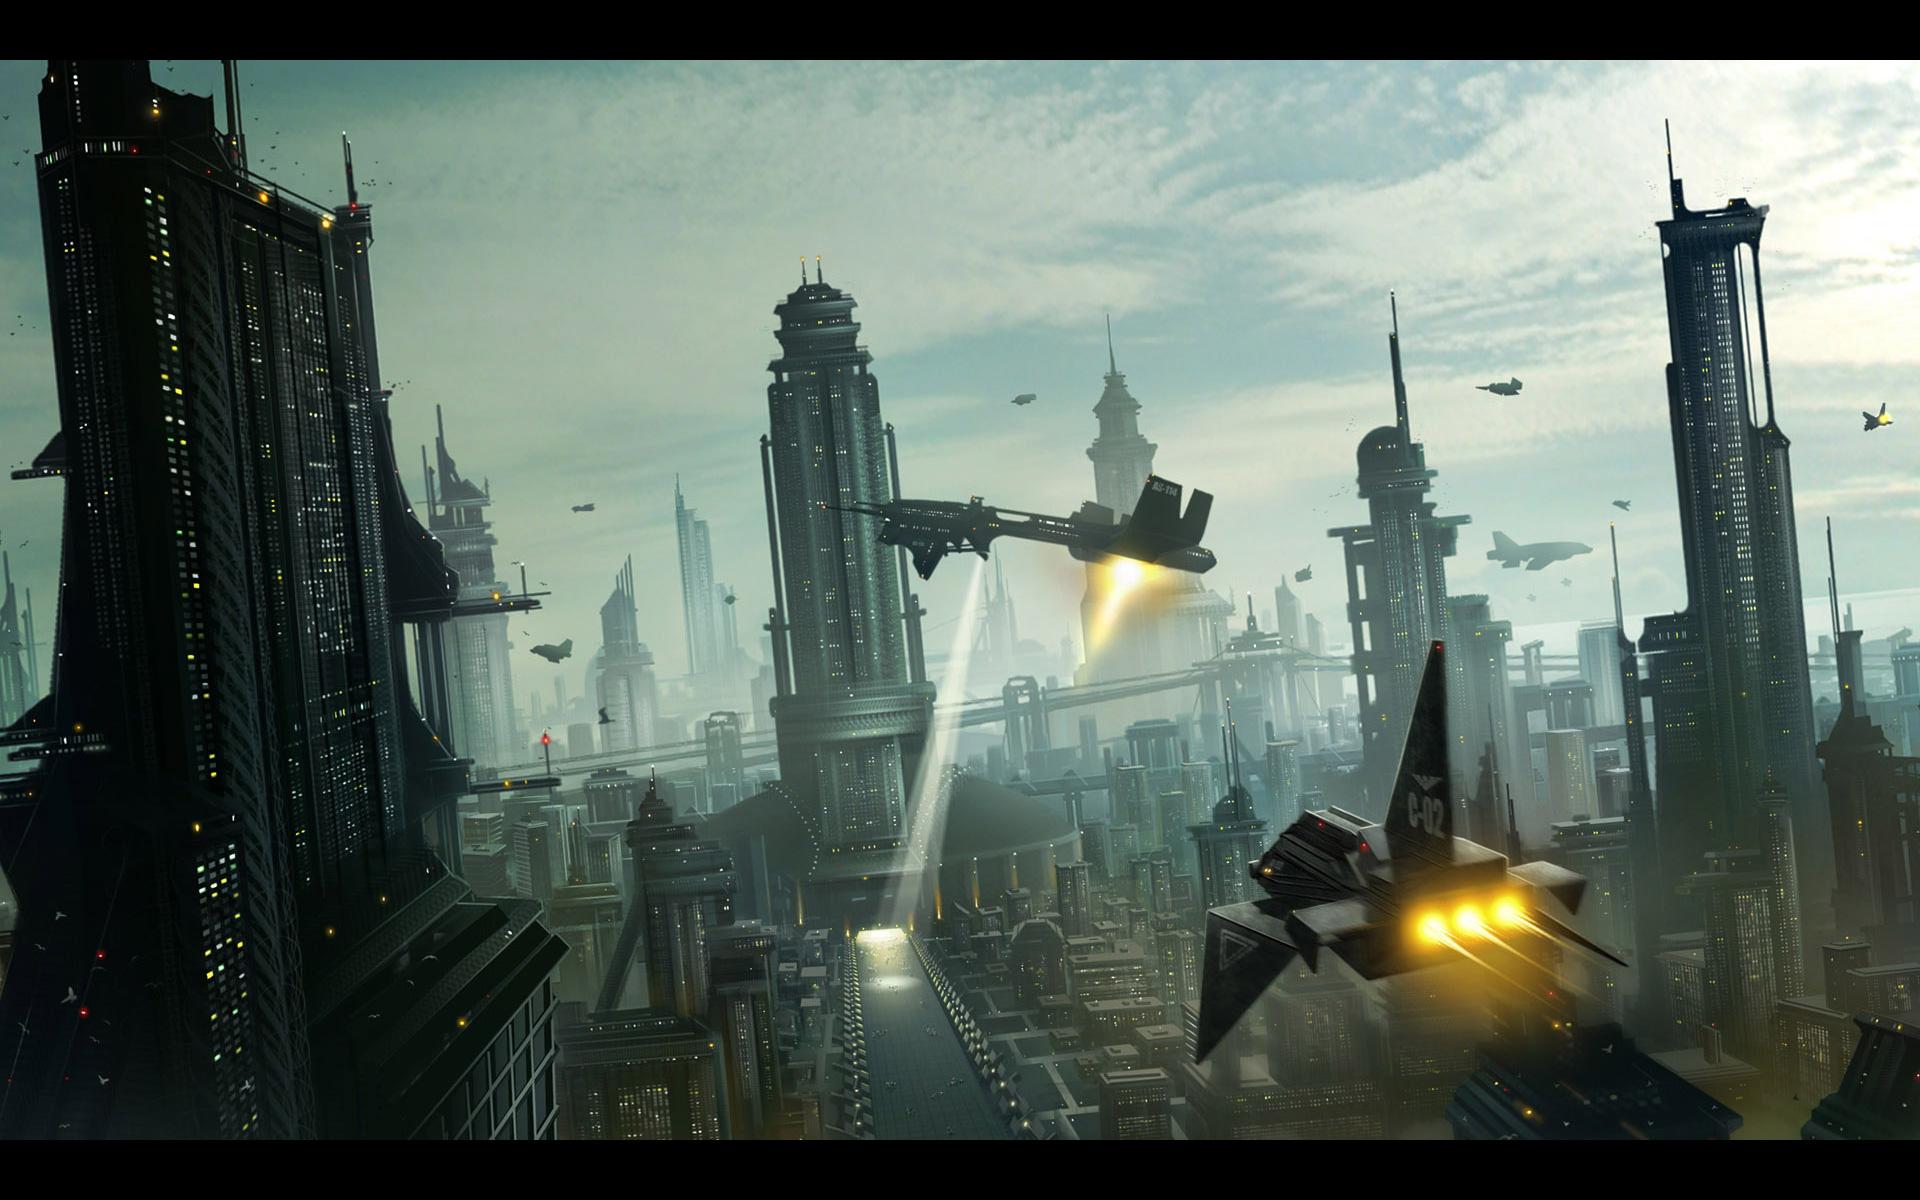 Futuristic City Wallpaper Hd